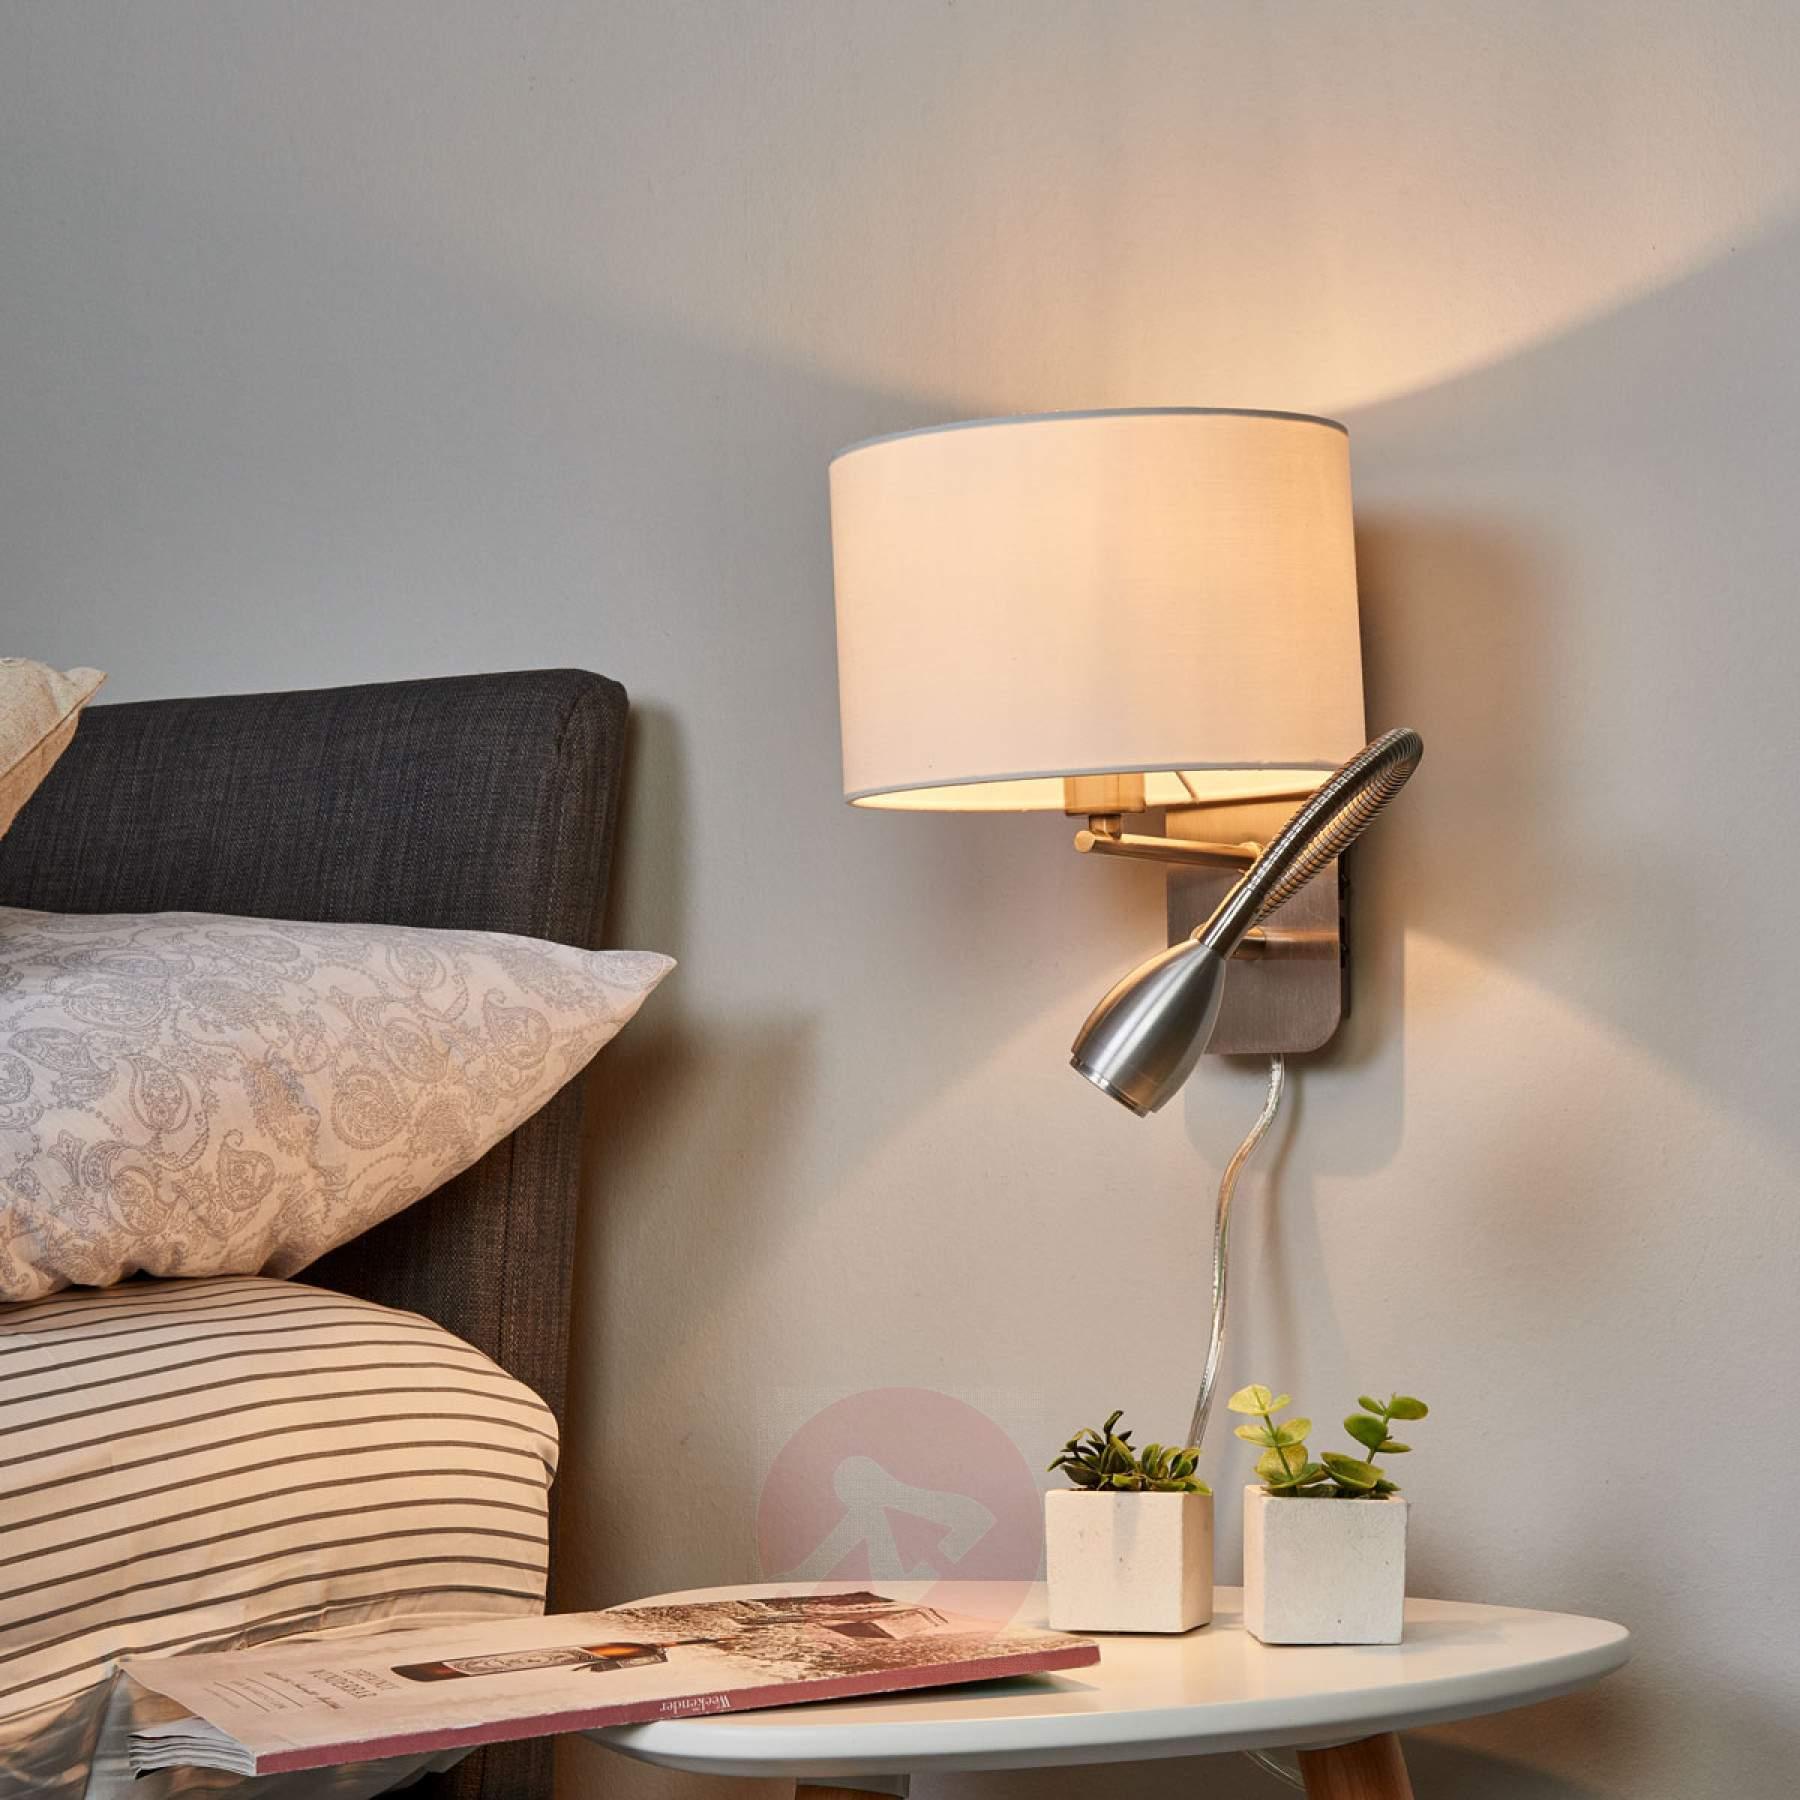 Full Size of Schlafzimmer Wandlampen Led Wandlampe Mit Leselampe Design Ikea Schalter Schwenkbar Wandleuchte Dimmbar Modern Holz Risa Kombinierte Kaufen Lampenweltde Schlafzimmer Schlafzimmer Wandlampe